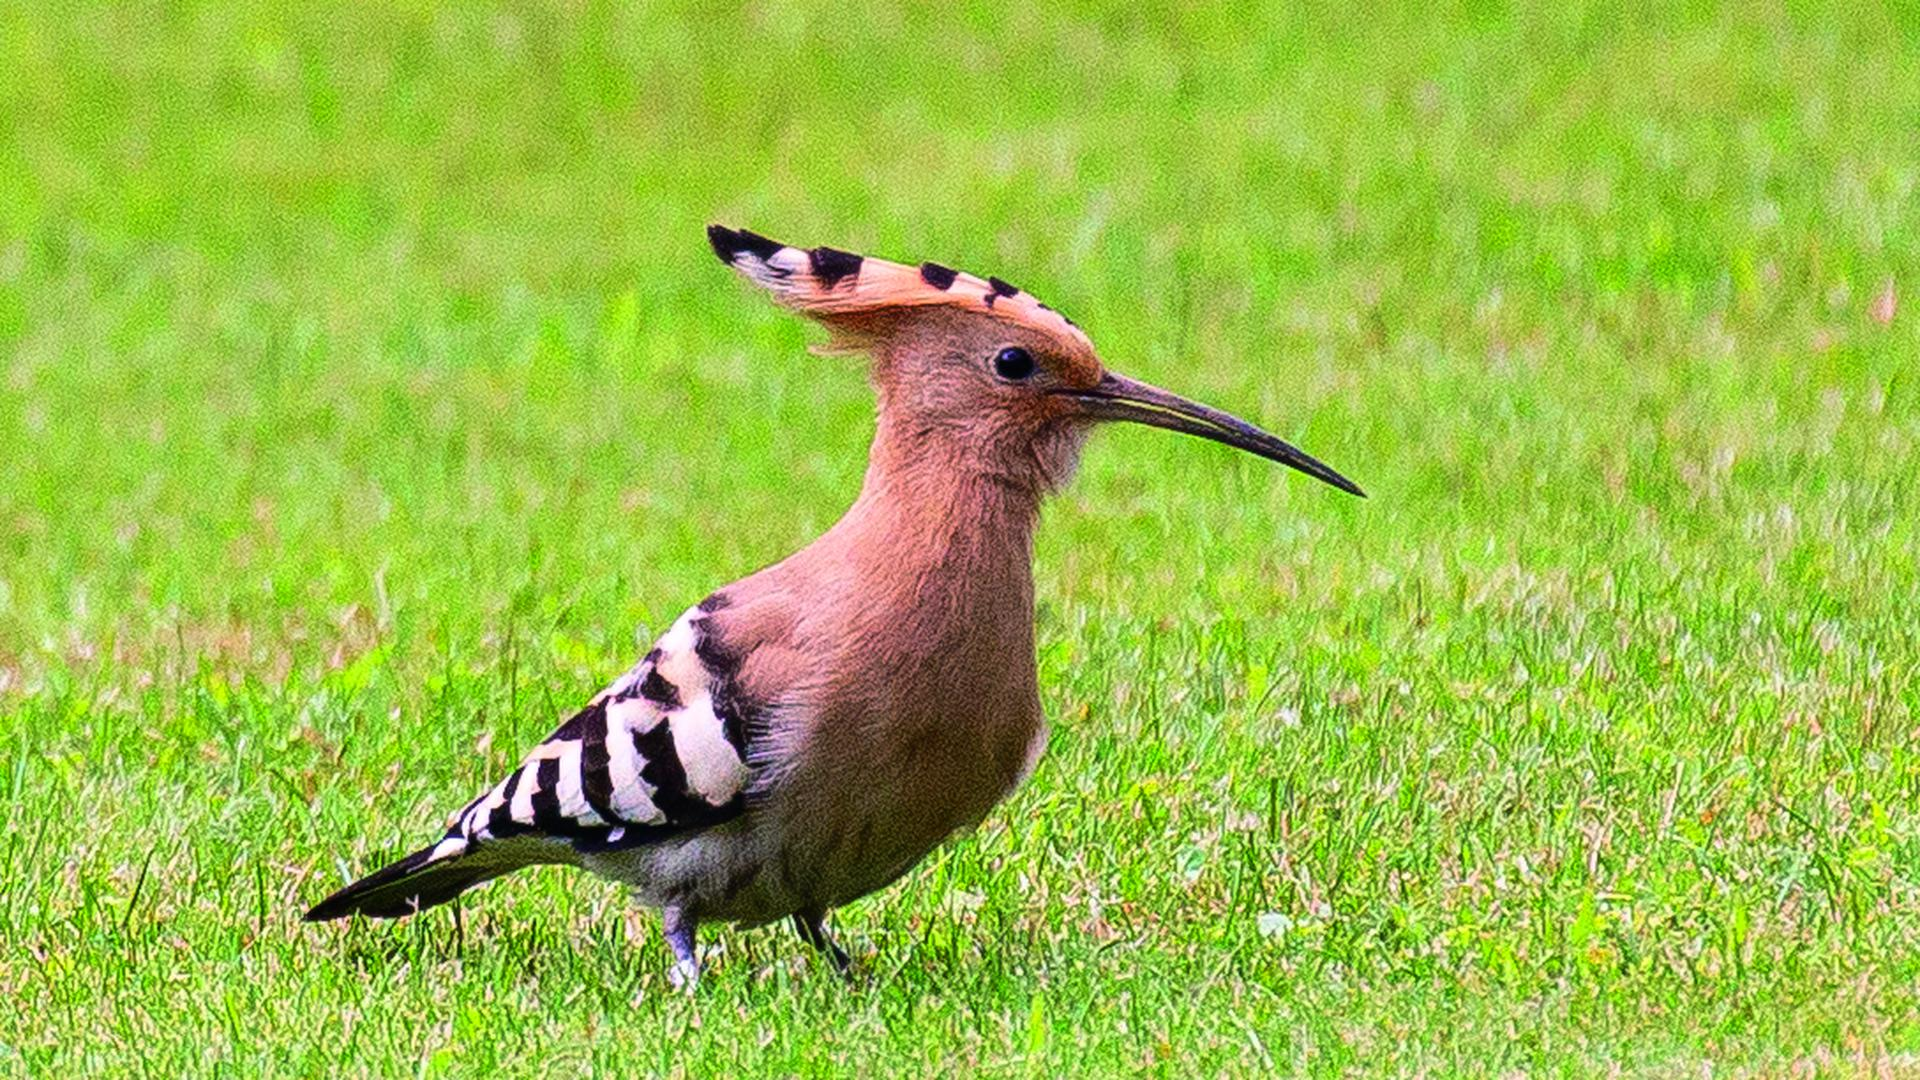 Wiedehopf auf Nahrungssuche: Die seltenen Vögel werden in den letzten Jahren wieder zunehmend beobachtet – hier in einem Schluttenbacher Garten. (Archivfoto)